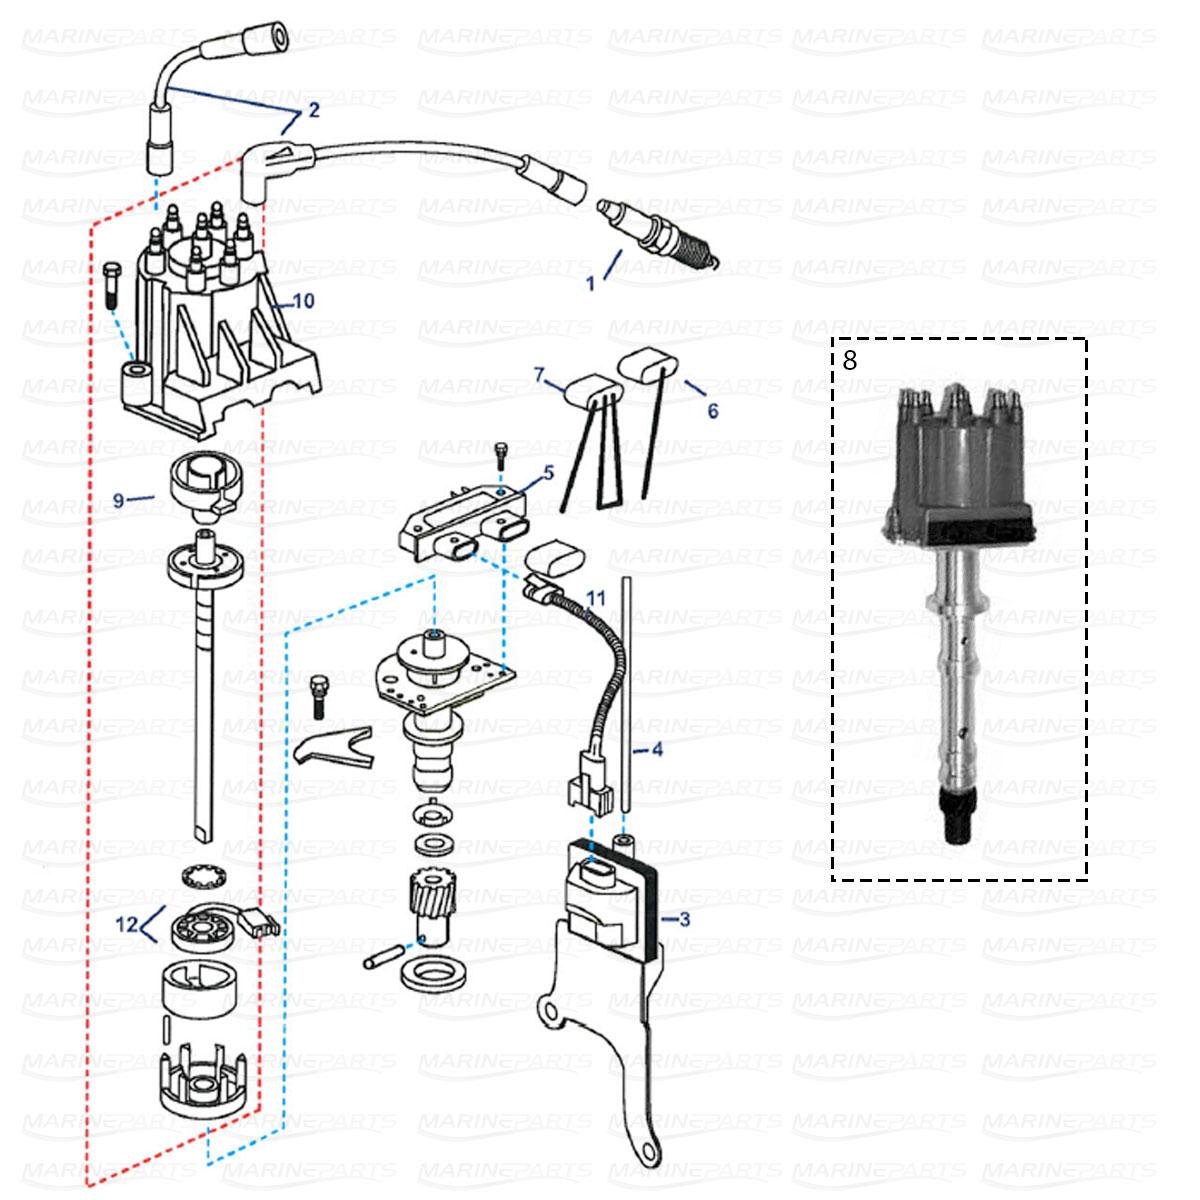 Ignition system parts GM V6